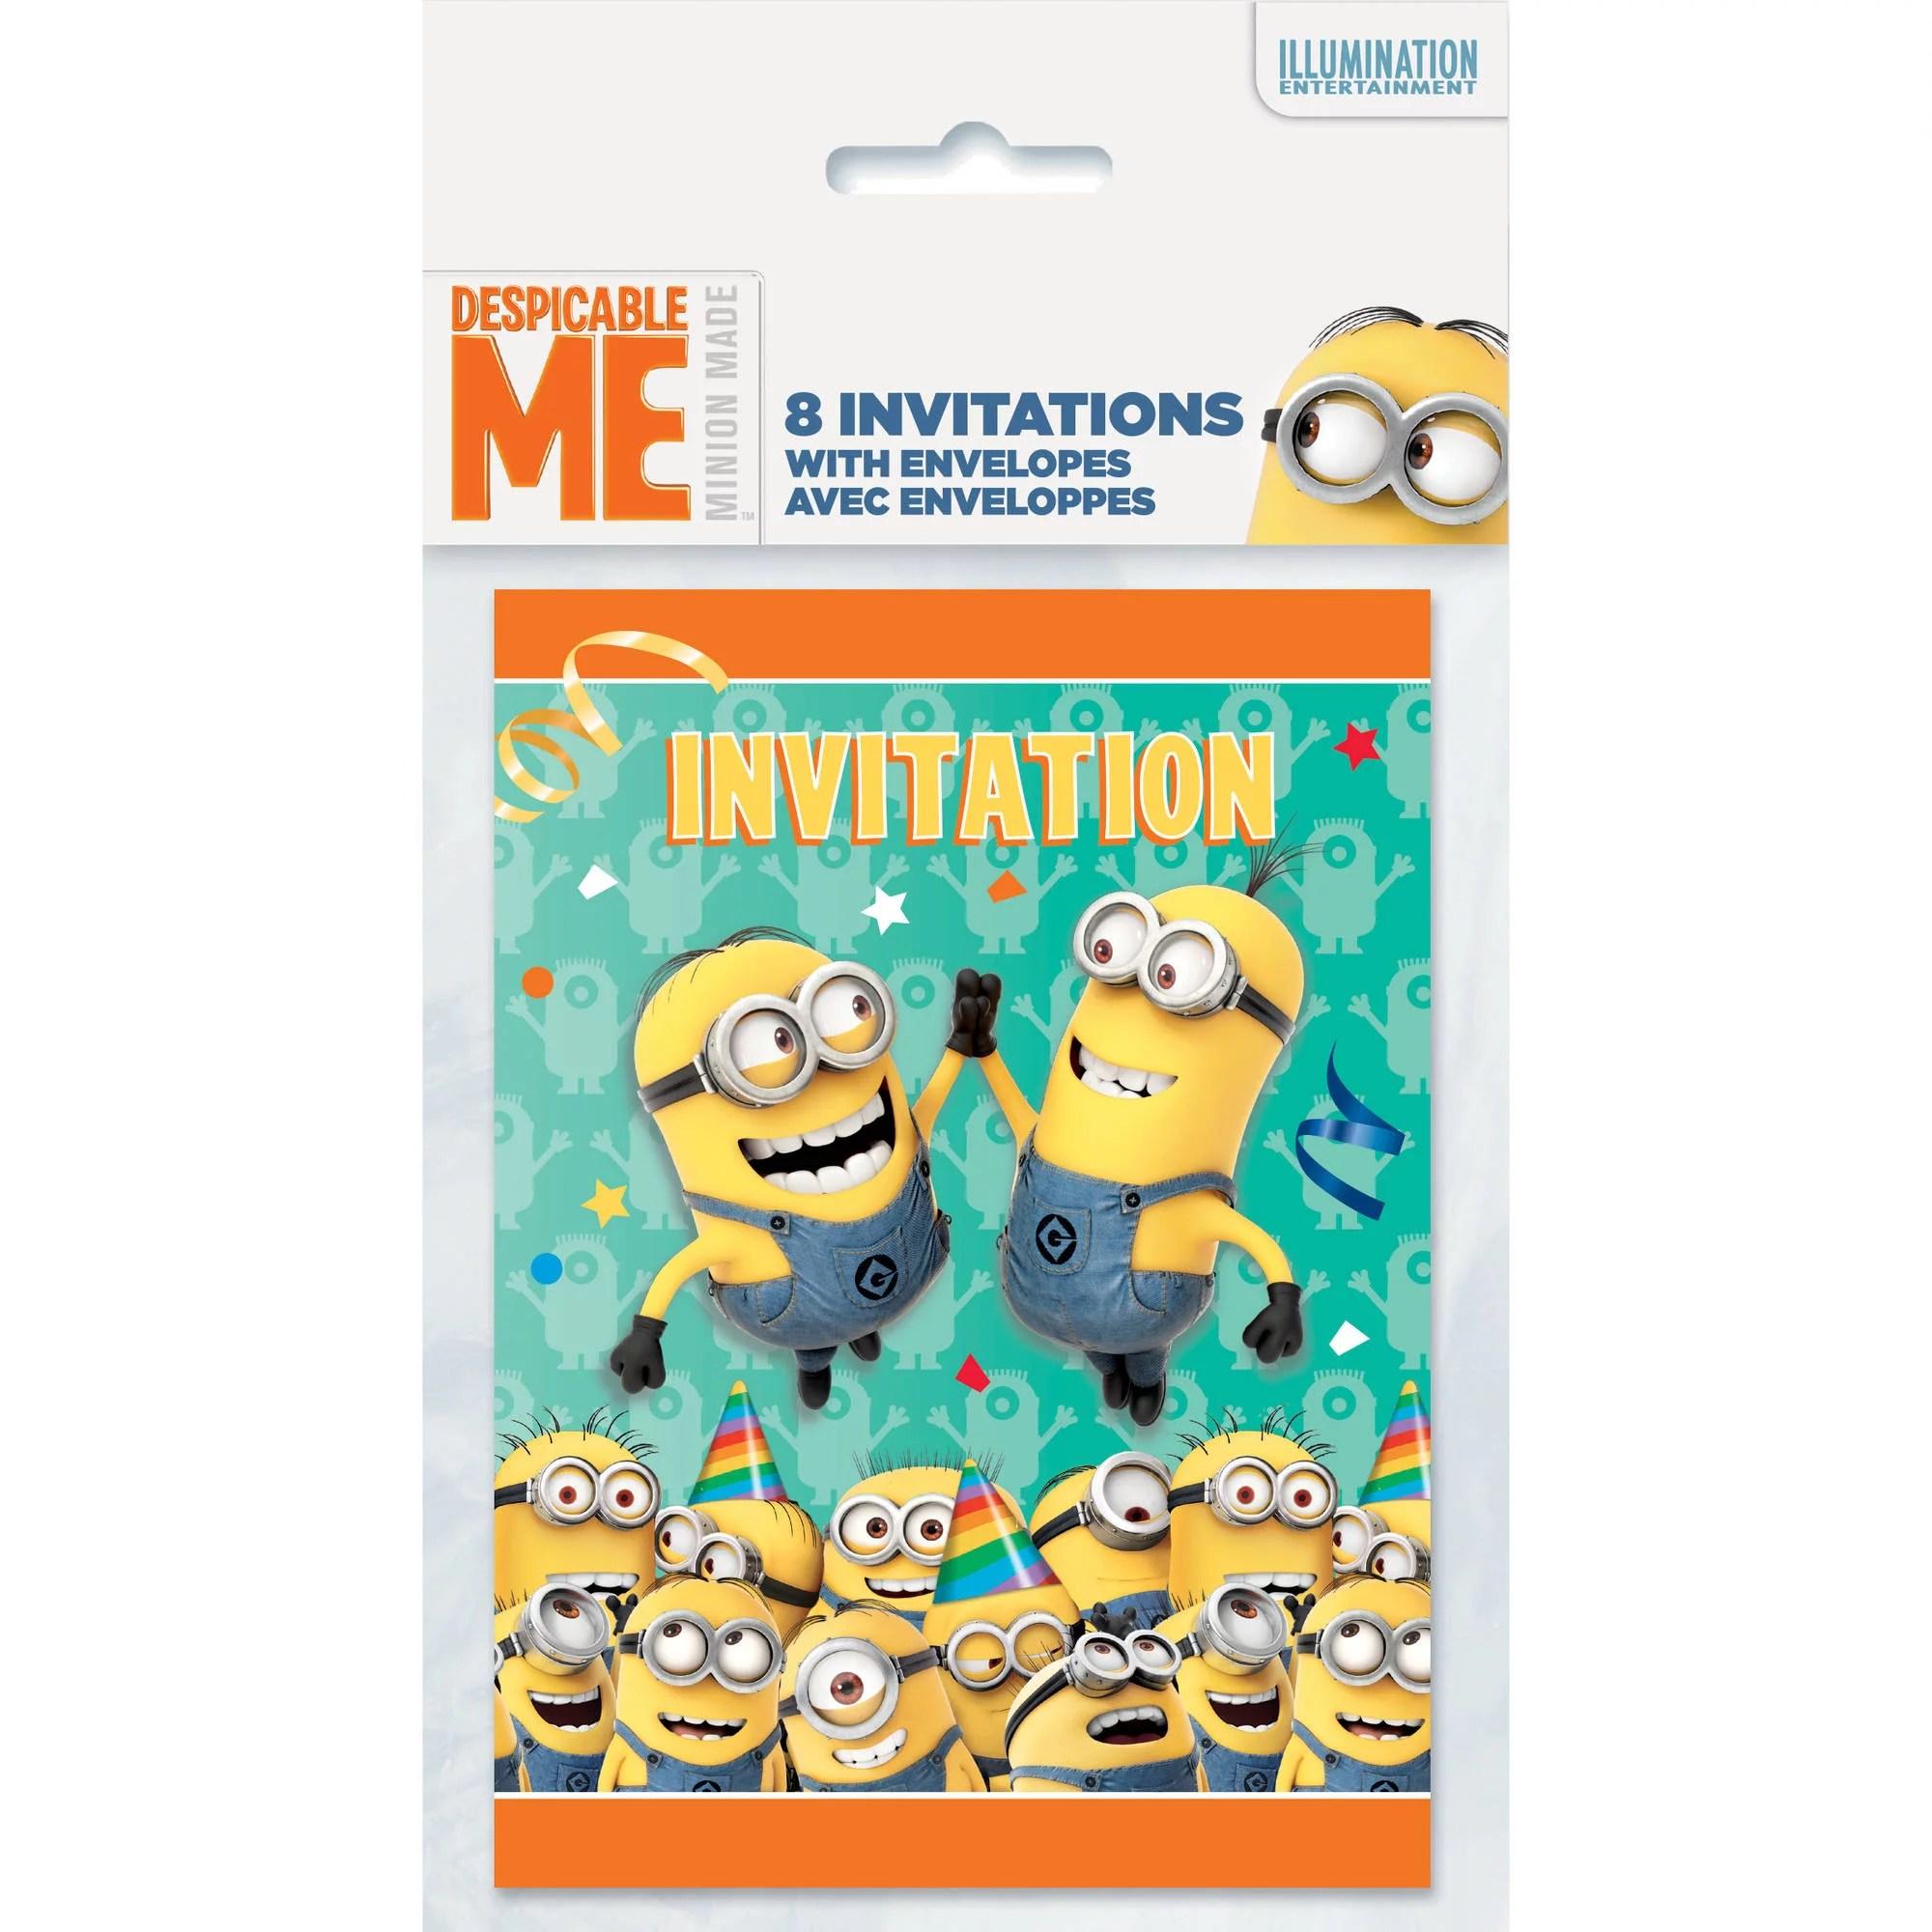 Despicable Me Minions Invitations 8ct Walmart Com Walmart Com